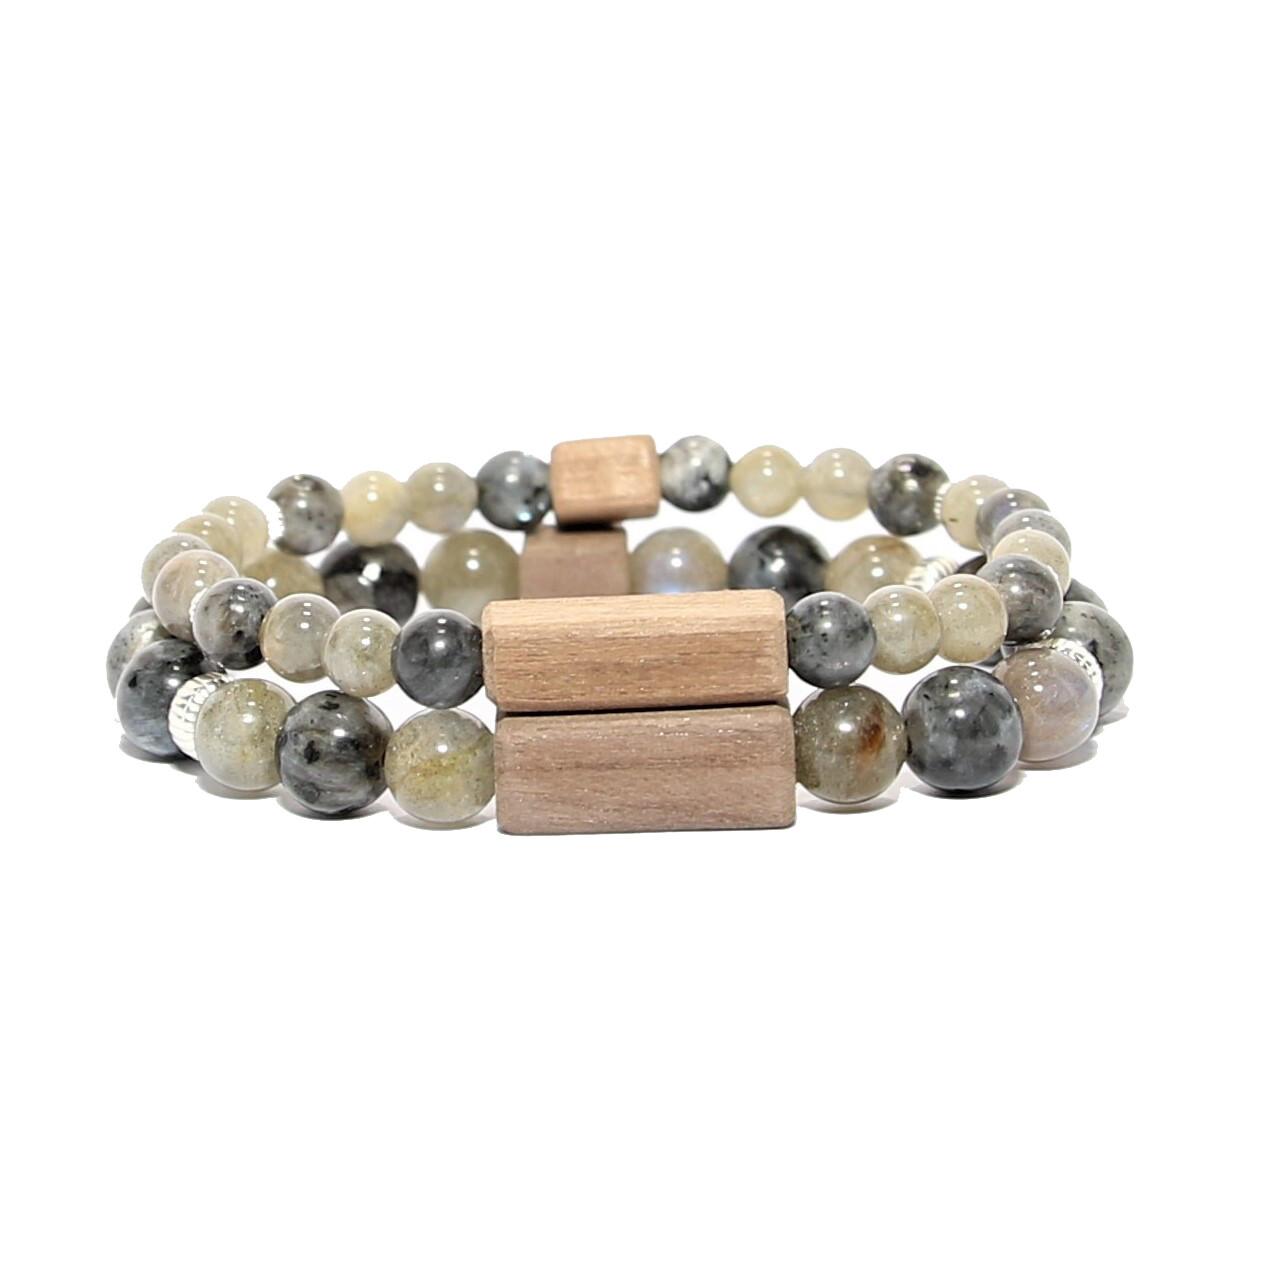 """Bracelets de couple """"Protection"""" - Pierres fines Labradorite/ Larvikite, argent 925, bois"""